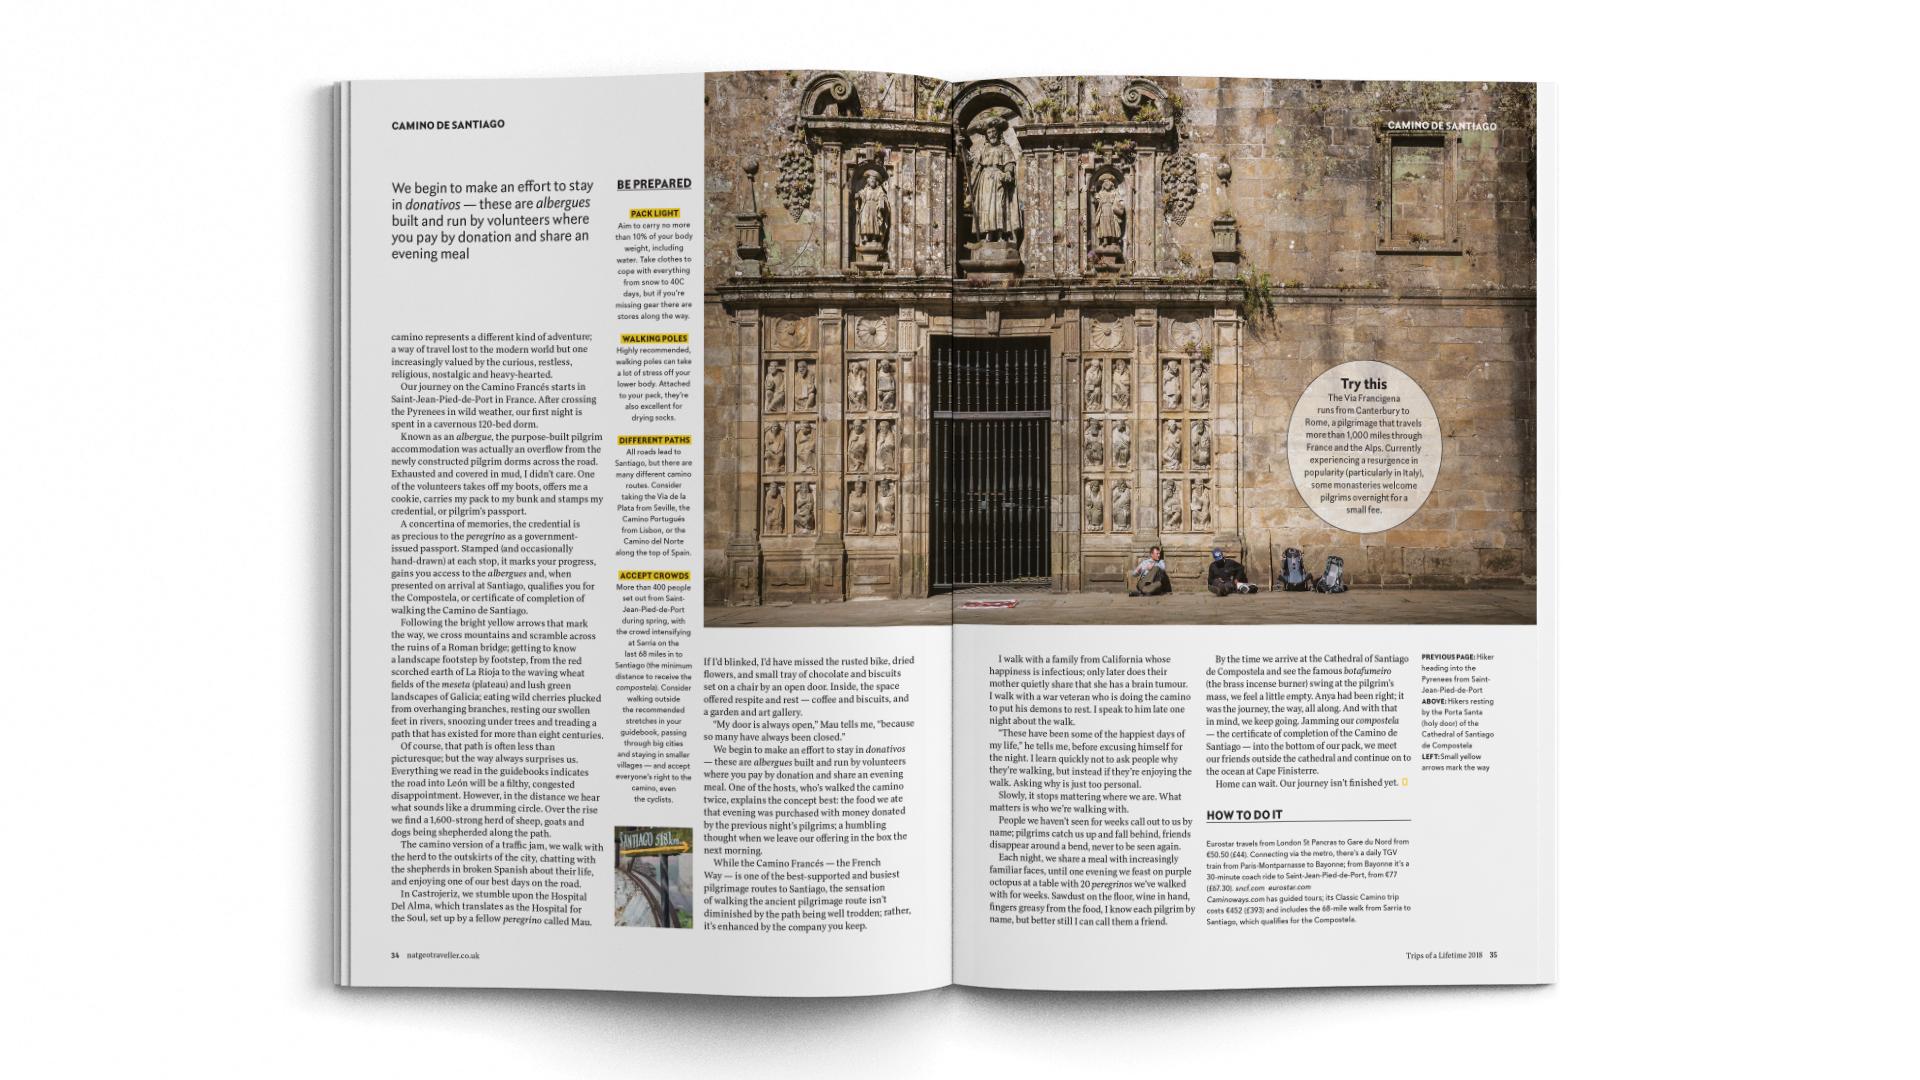 A4-Magazine-DPS-NGT-TRIPS-Cam-de-Santiago-2